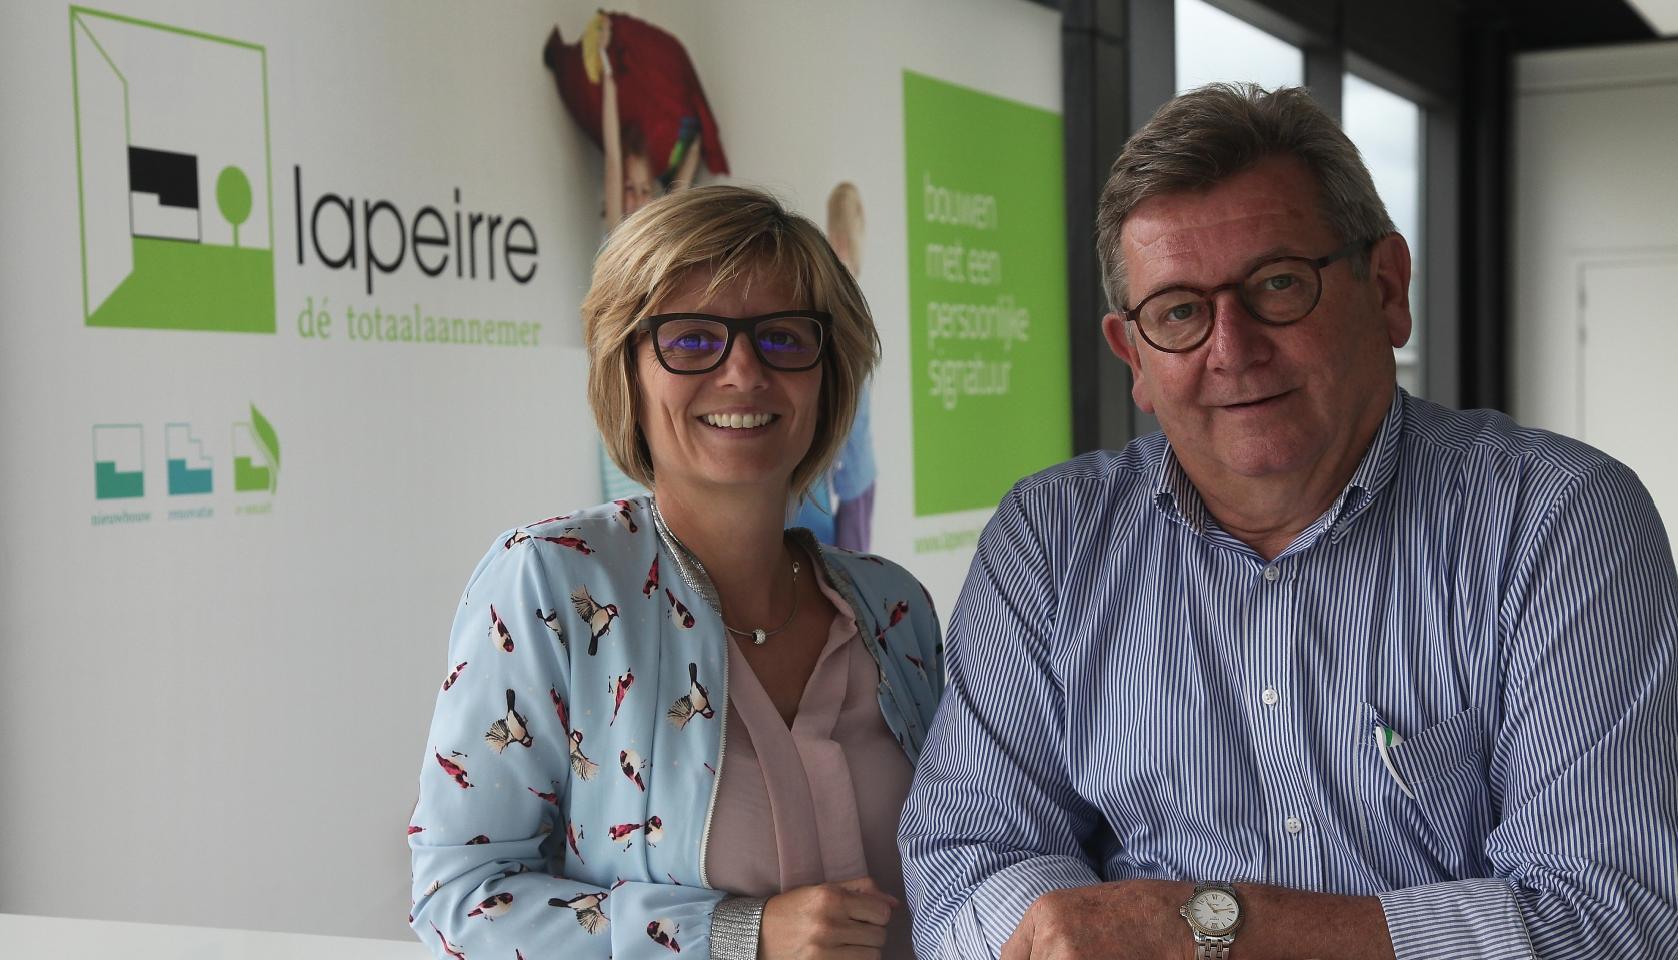 Isabel en Patrick Lapeirre leiden samen het familiebedrijf en kunnen als totaalaannemer makkelijk superviseren dat alle processen op elkaar afgestemd zijn